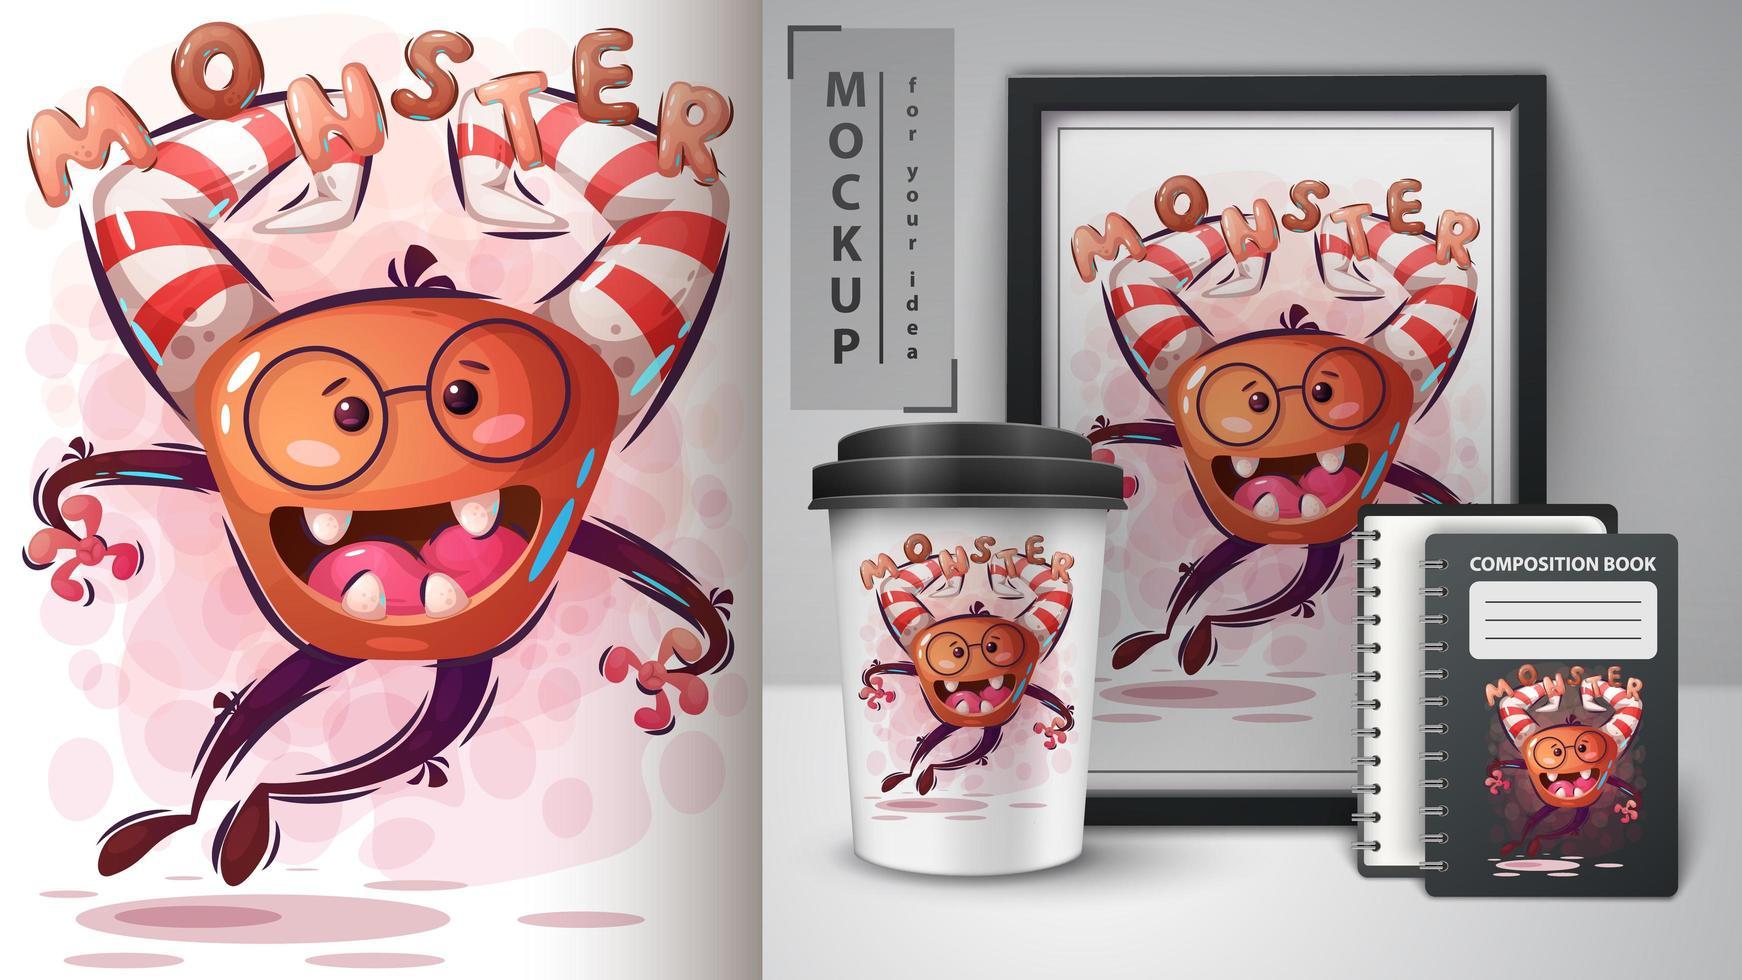 cartel de monstruo tonto y merchandising. vector